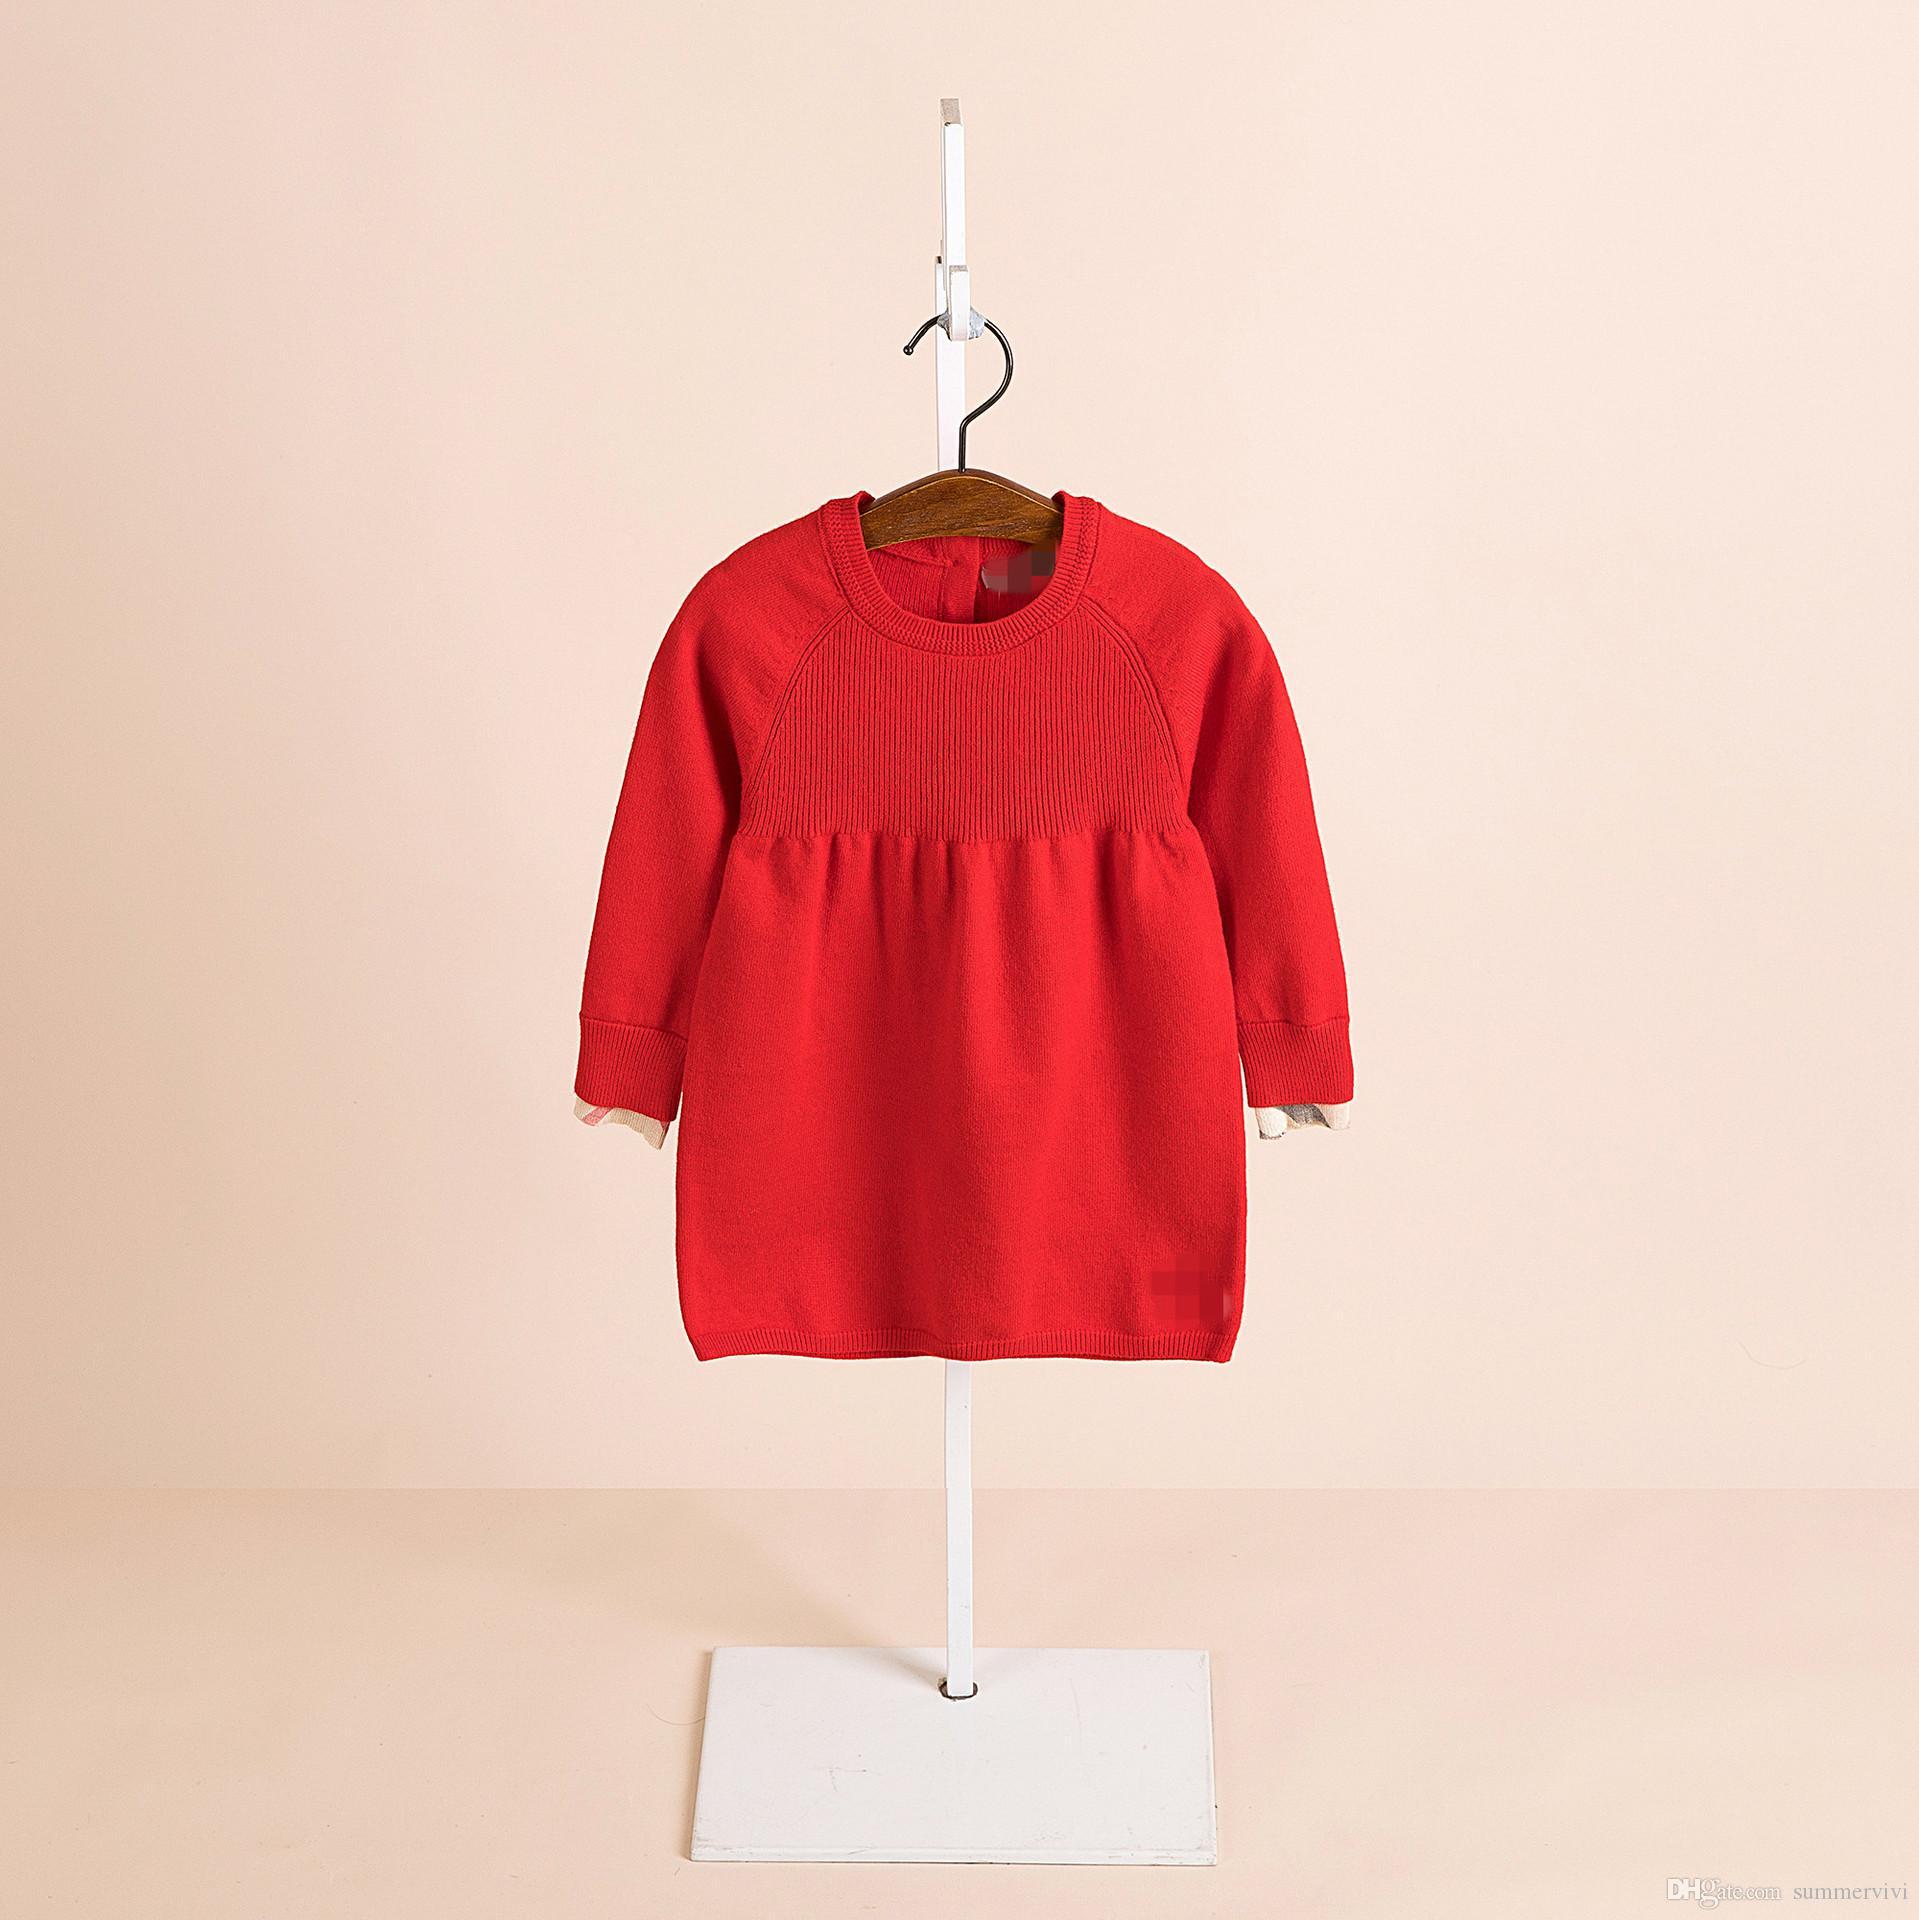 a9d275178 Girls Sweater Dress Kids Round Collar Long Sleeve Knitted Princess ...